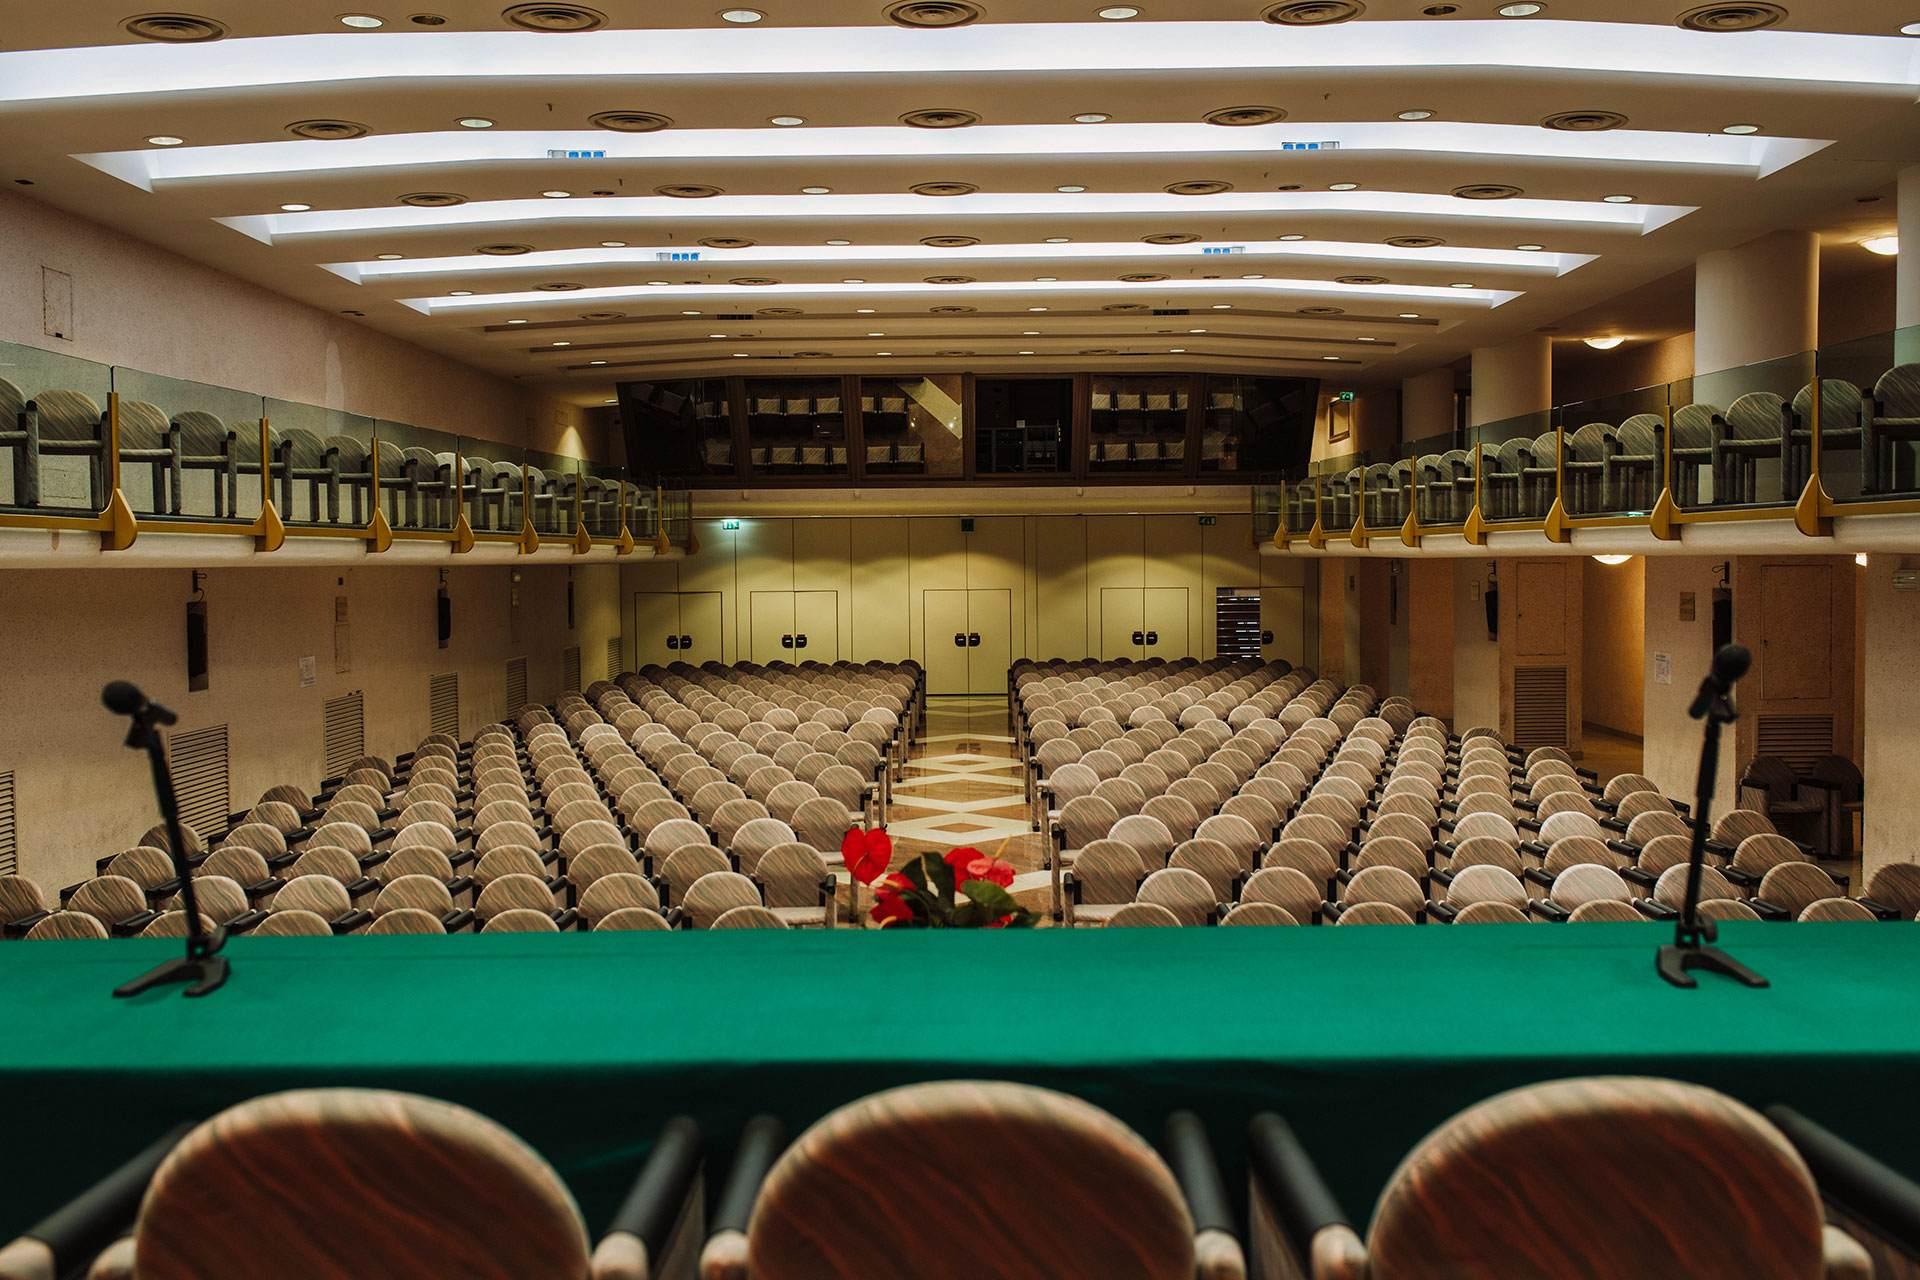 Dimensioni Sala Conferenze 100 Posti.Centro Congressi Toscana Centro Congressi Excelsior Chianciano